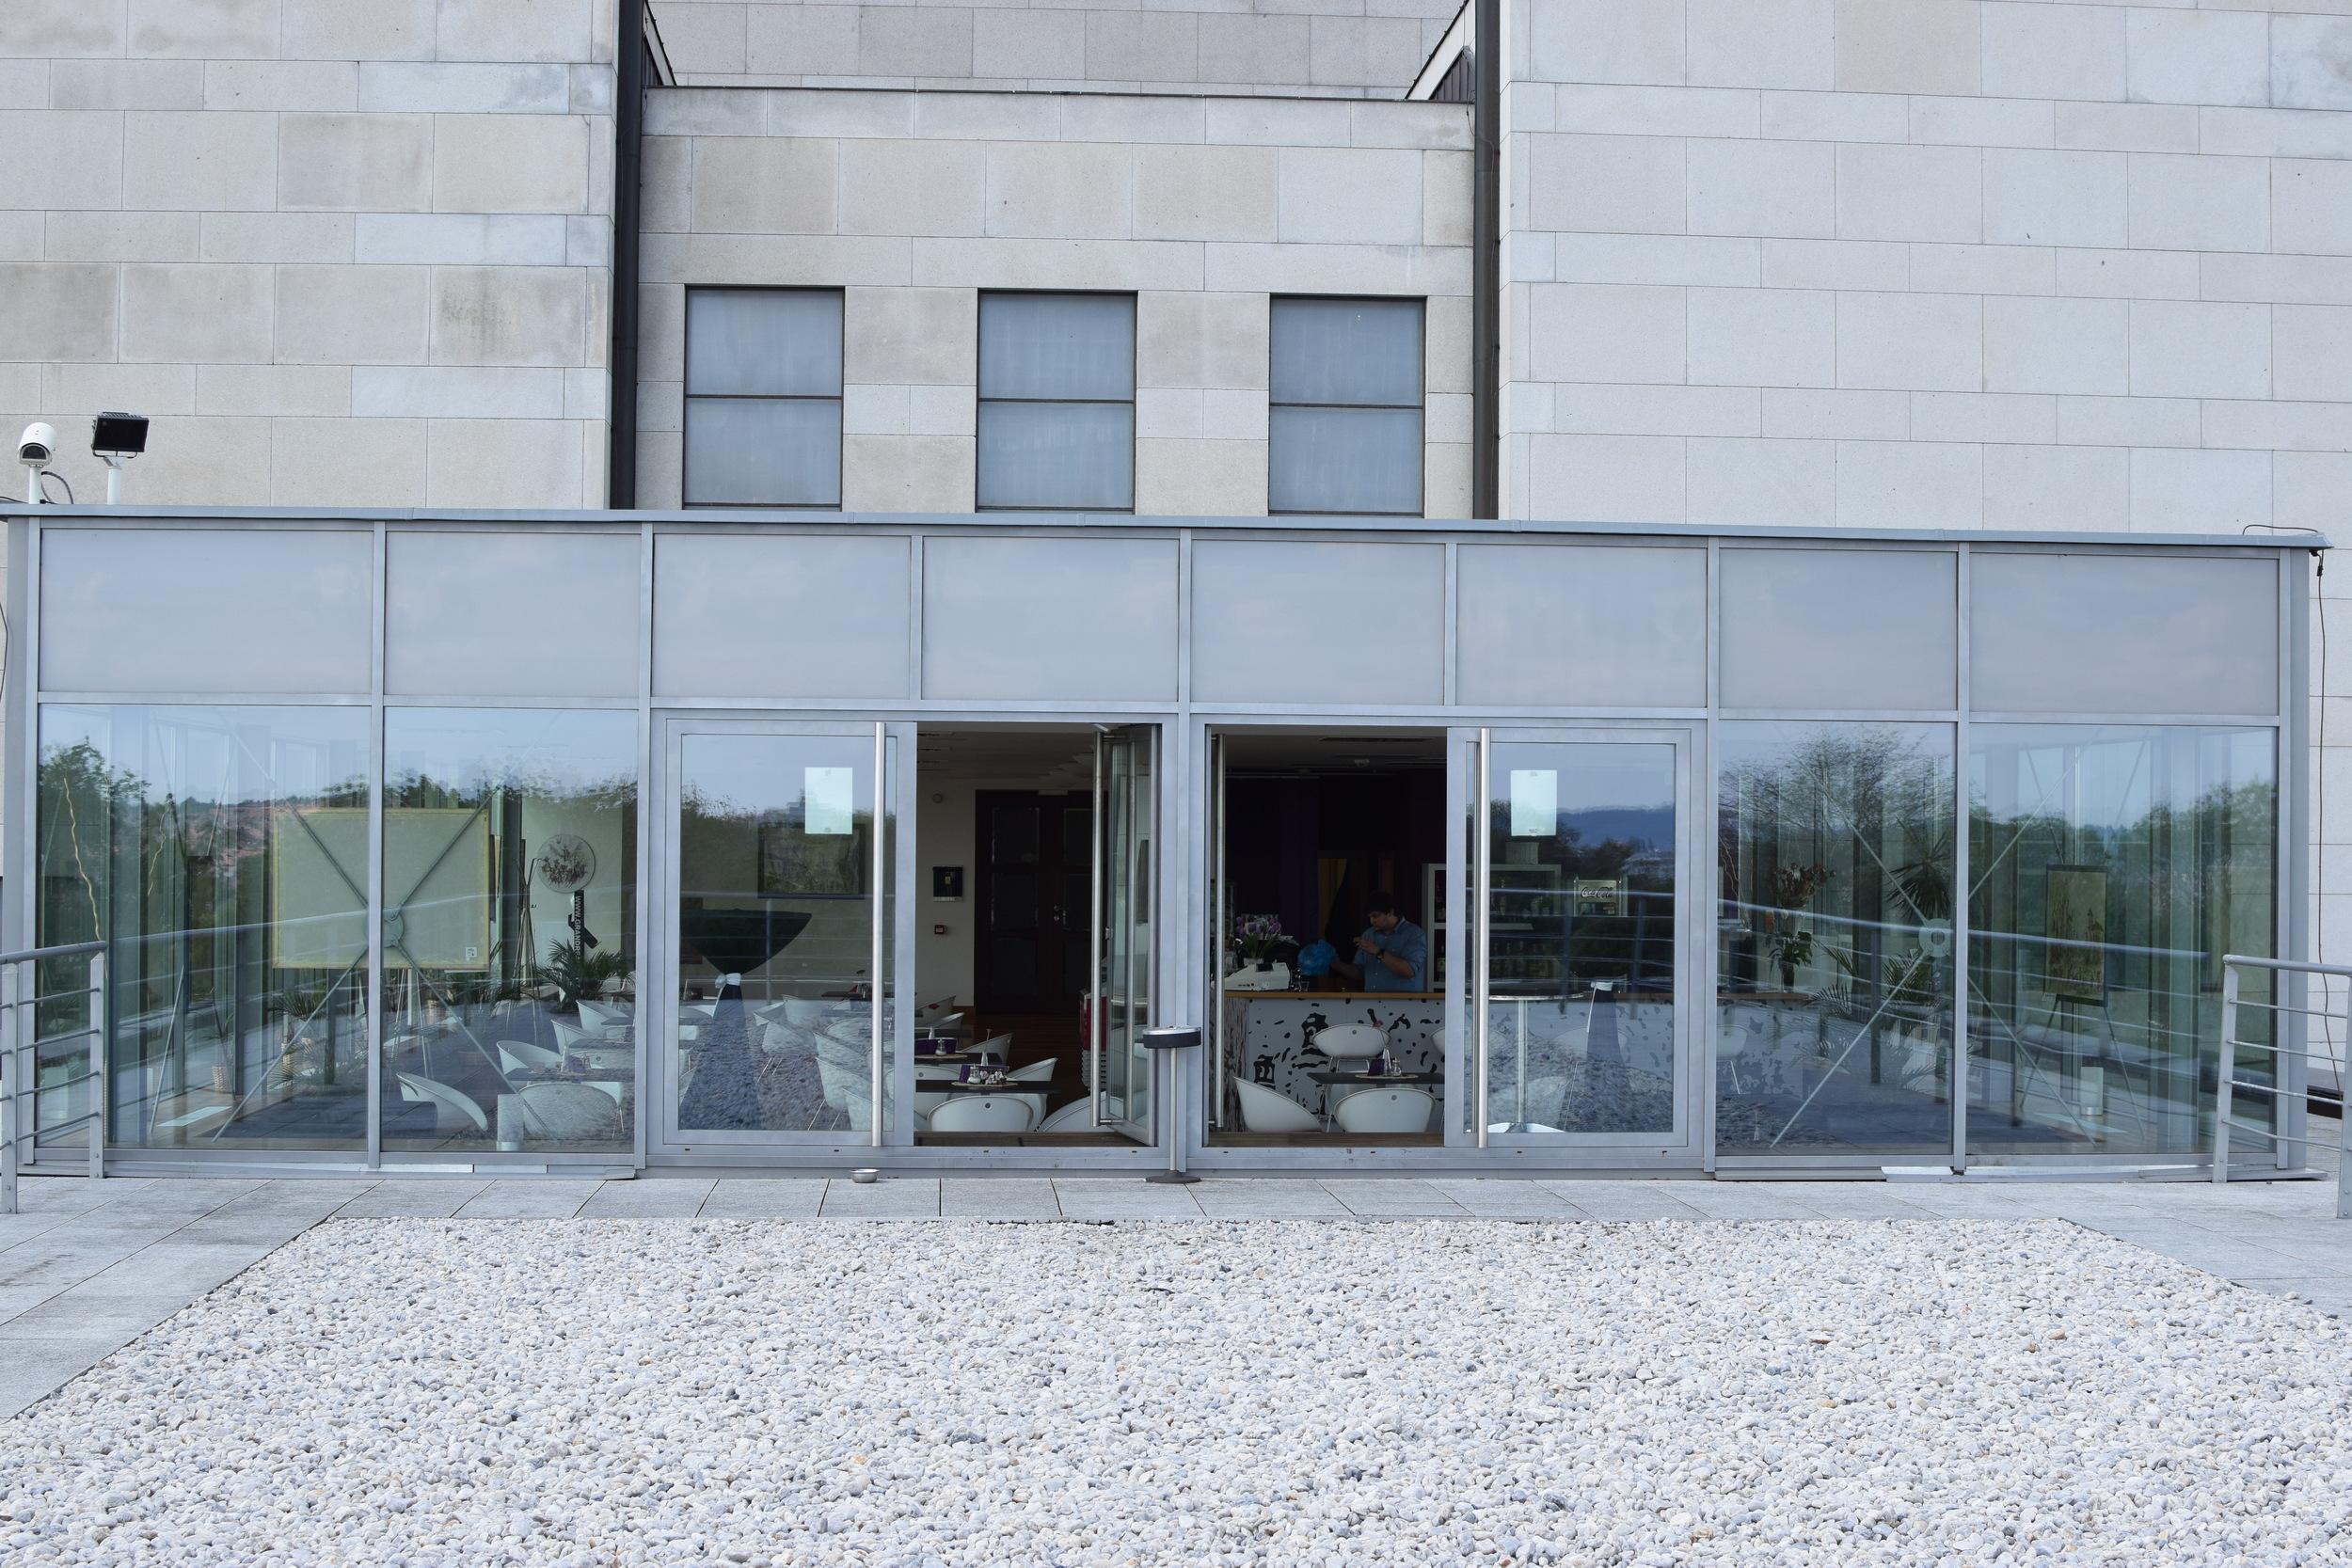 letní terasa z pohledu do kavárny